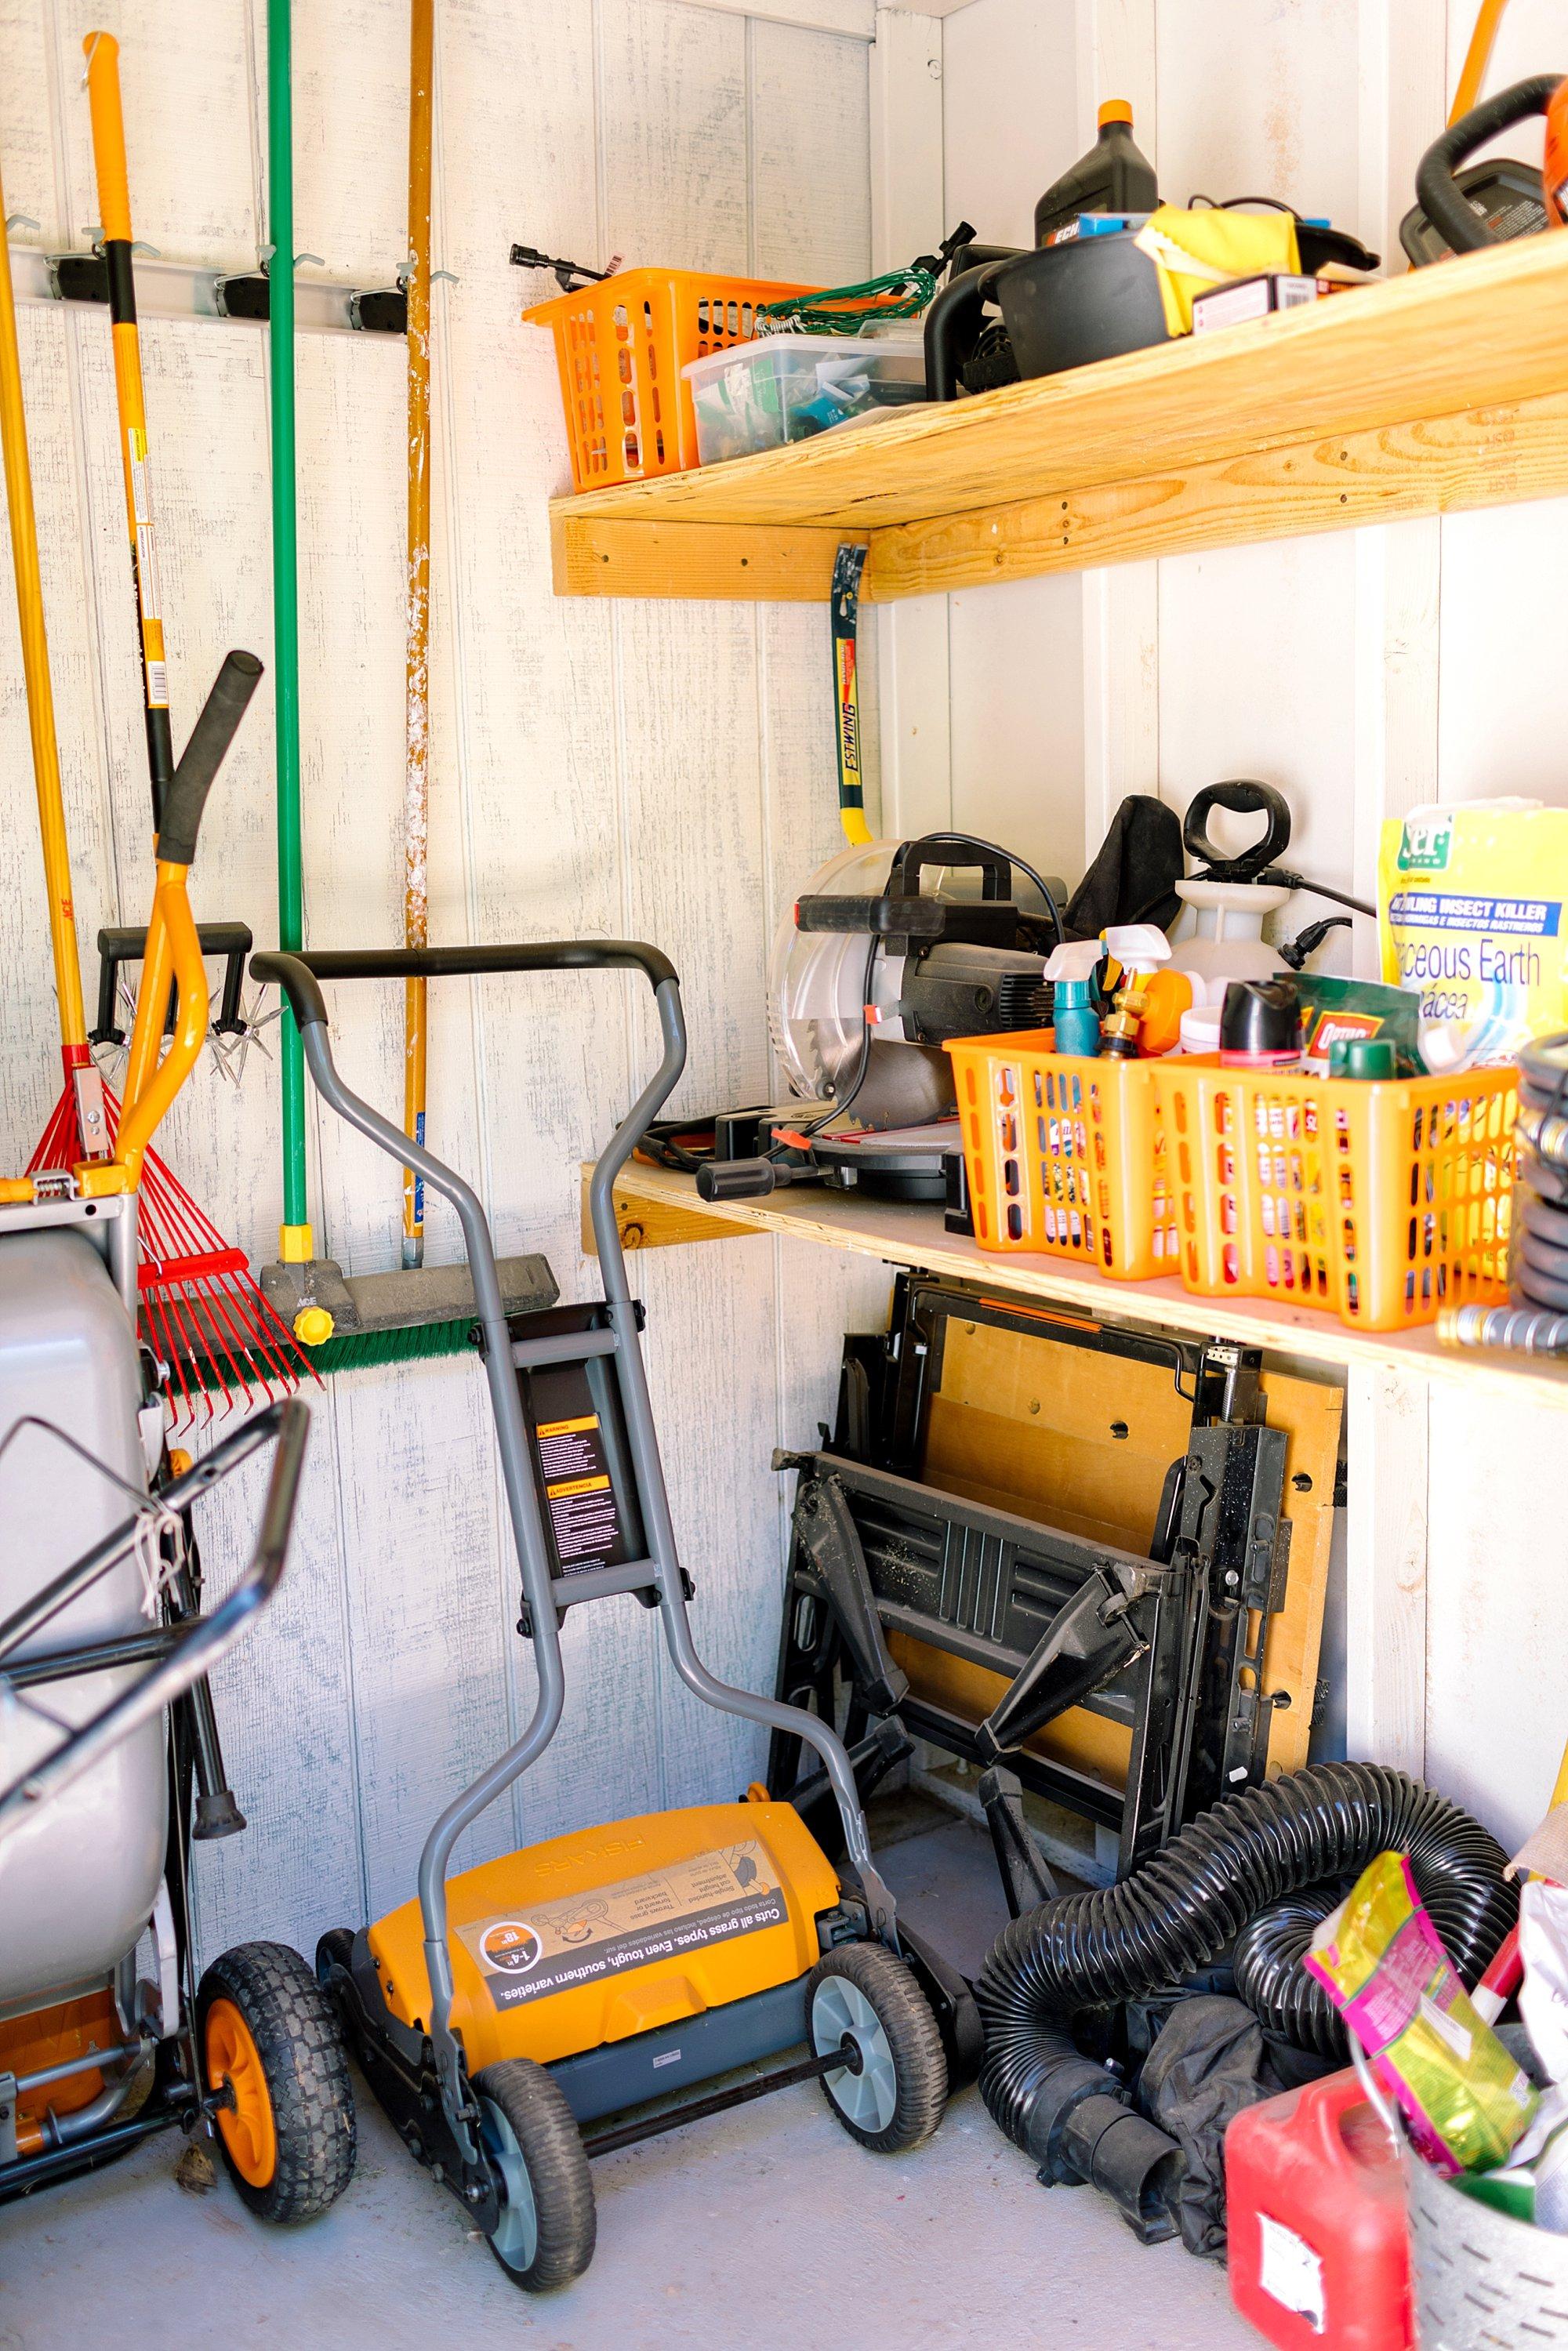 backyard tool shed Fiskars garden tools tour shelving